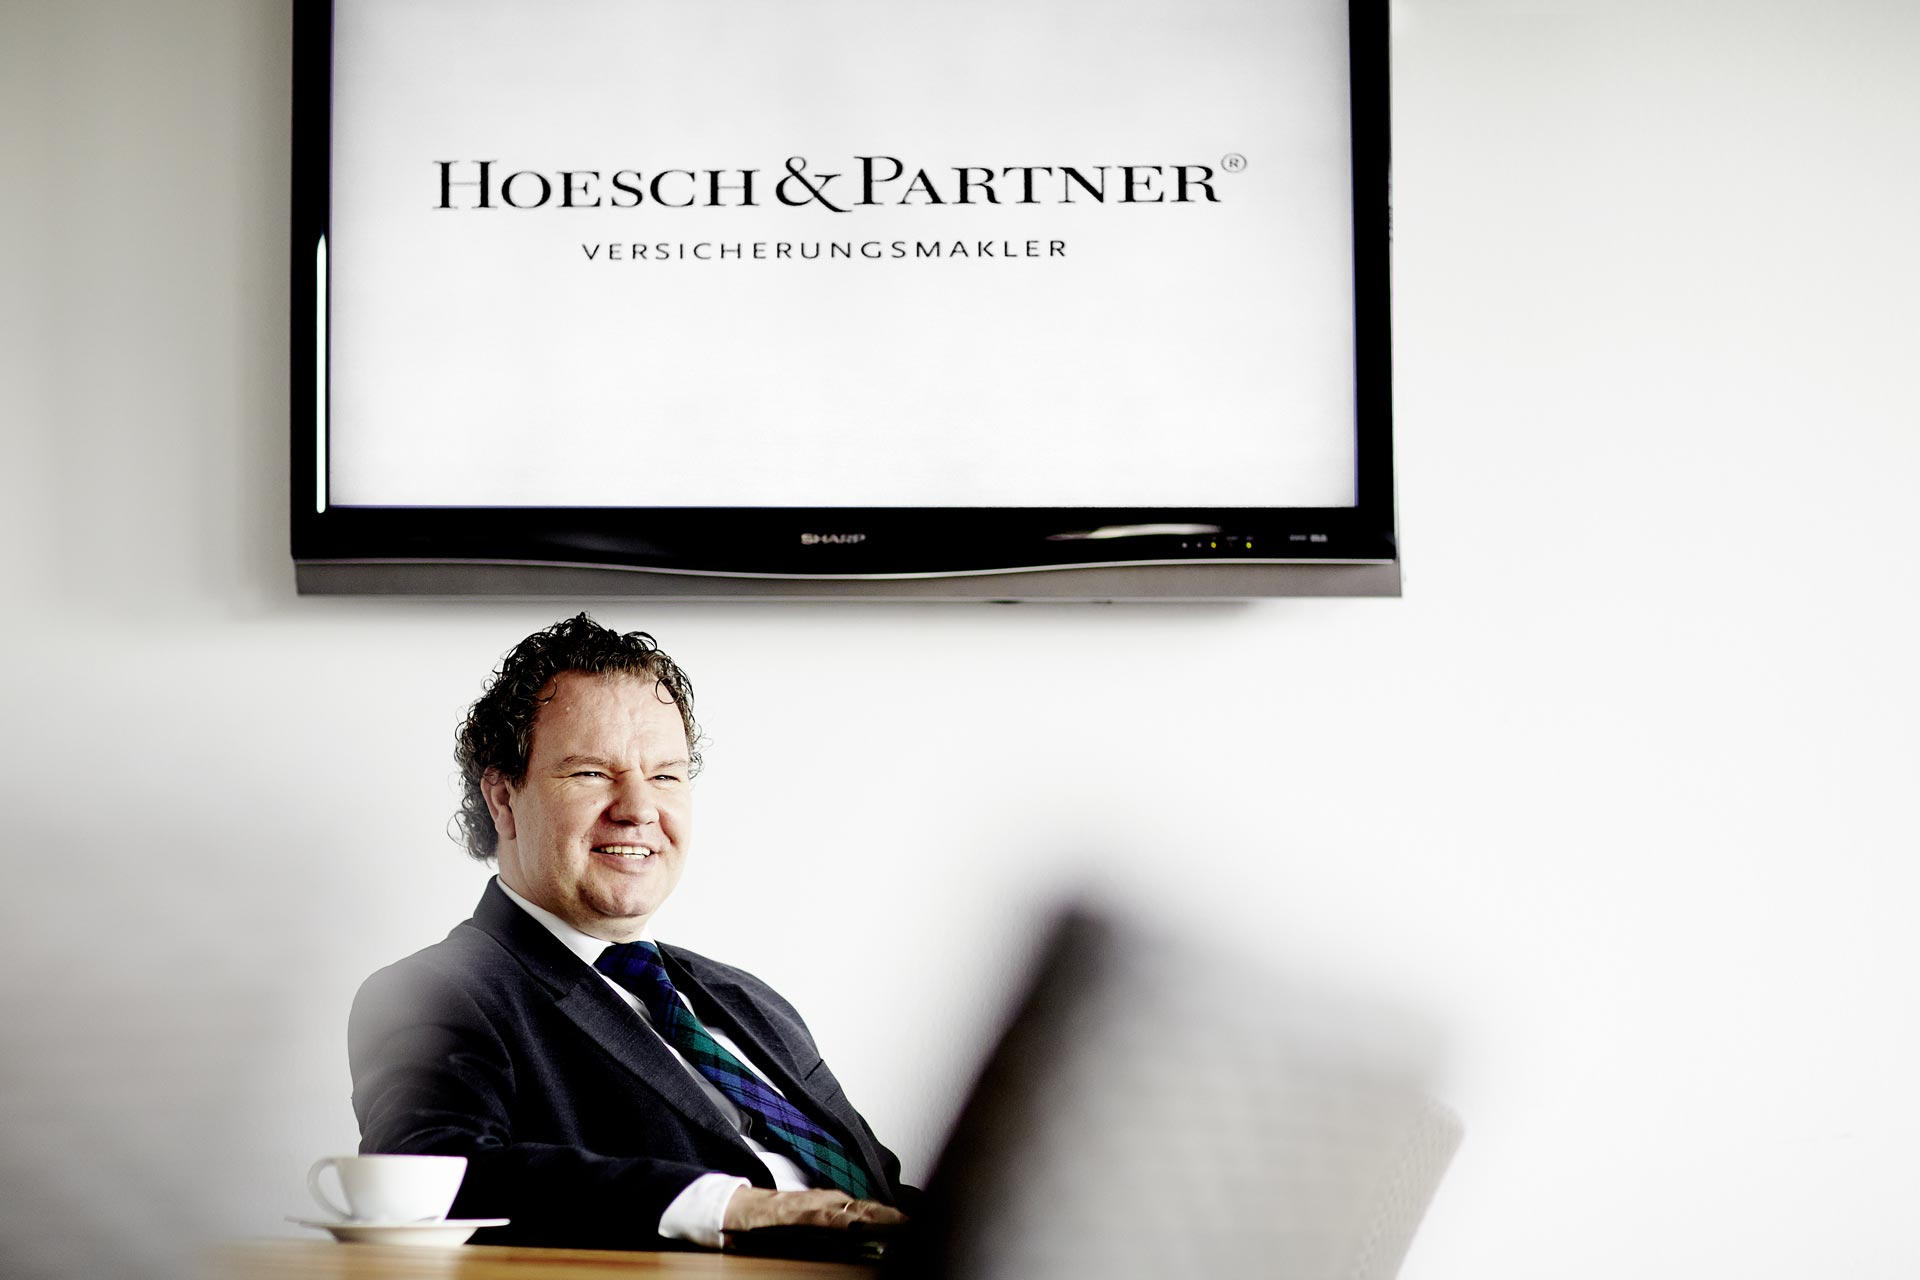 Hoesch & Partner  Versicherungsmakler